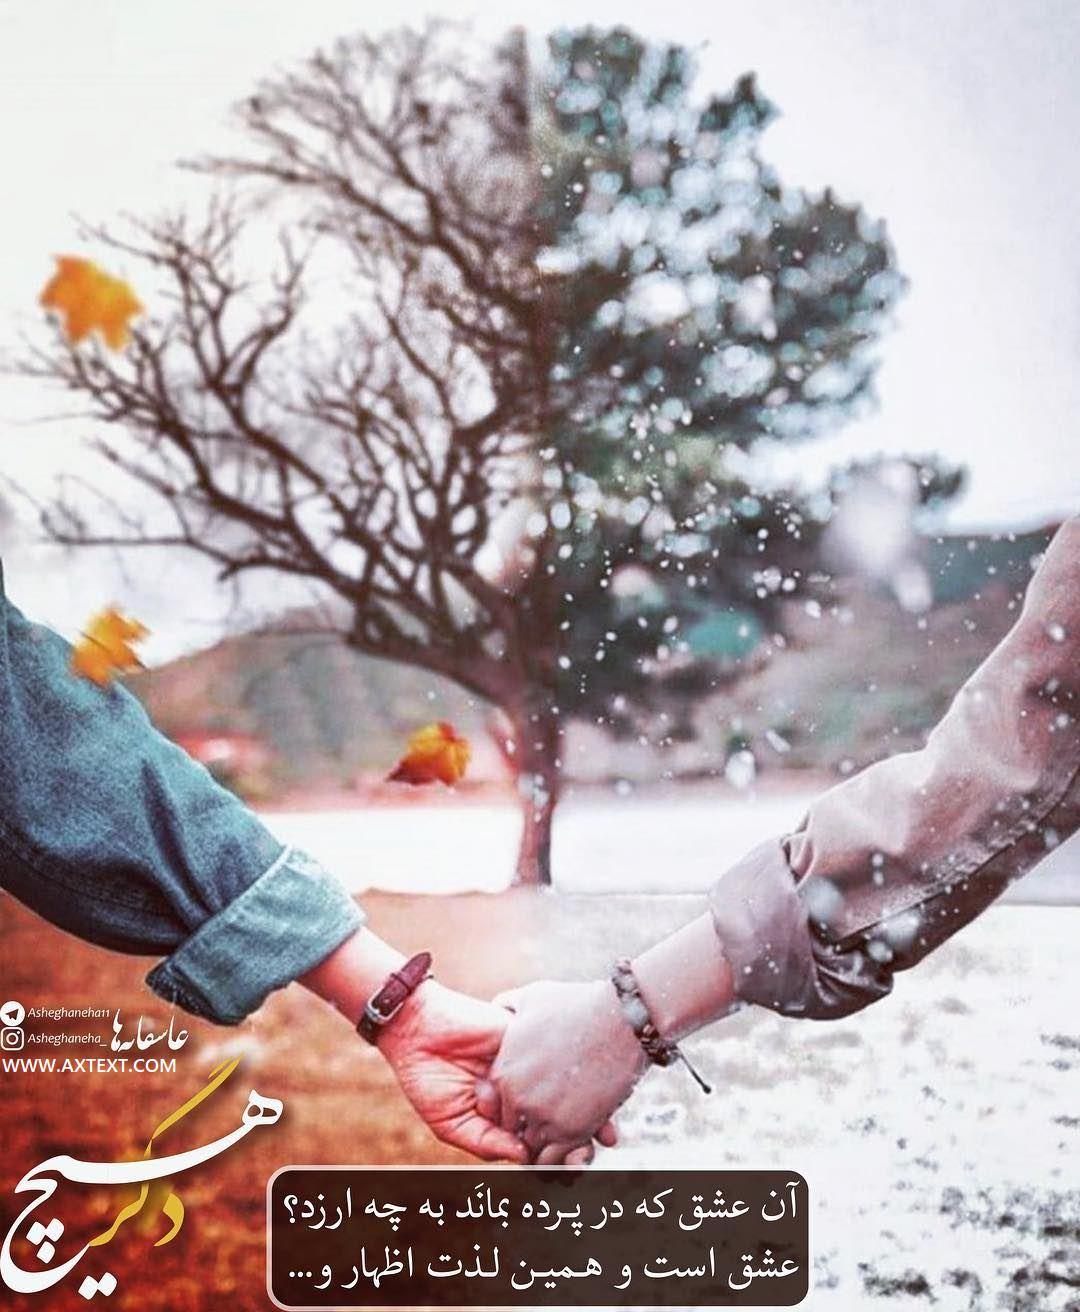 عکس پروفایل عاشقانه آن عشق که در پرده بماند به چه ارزد